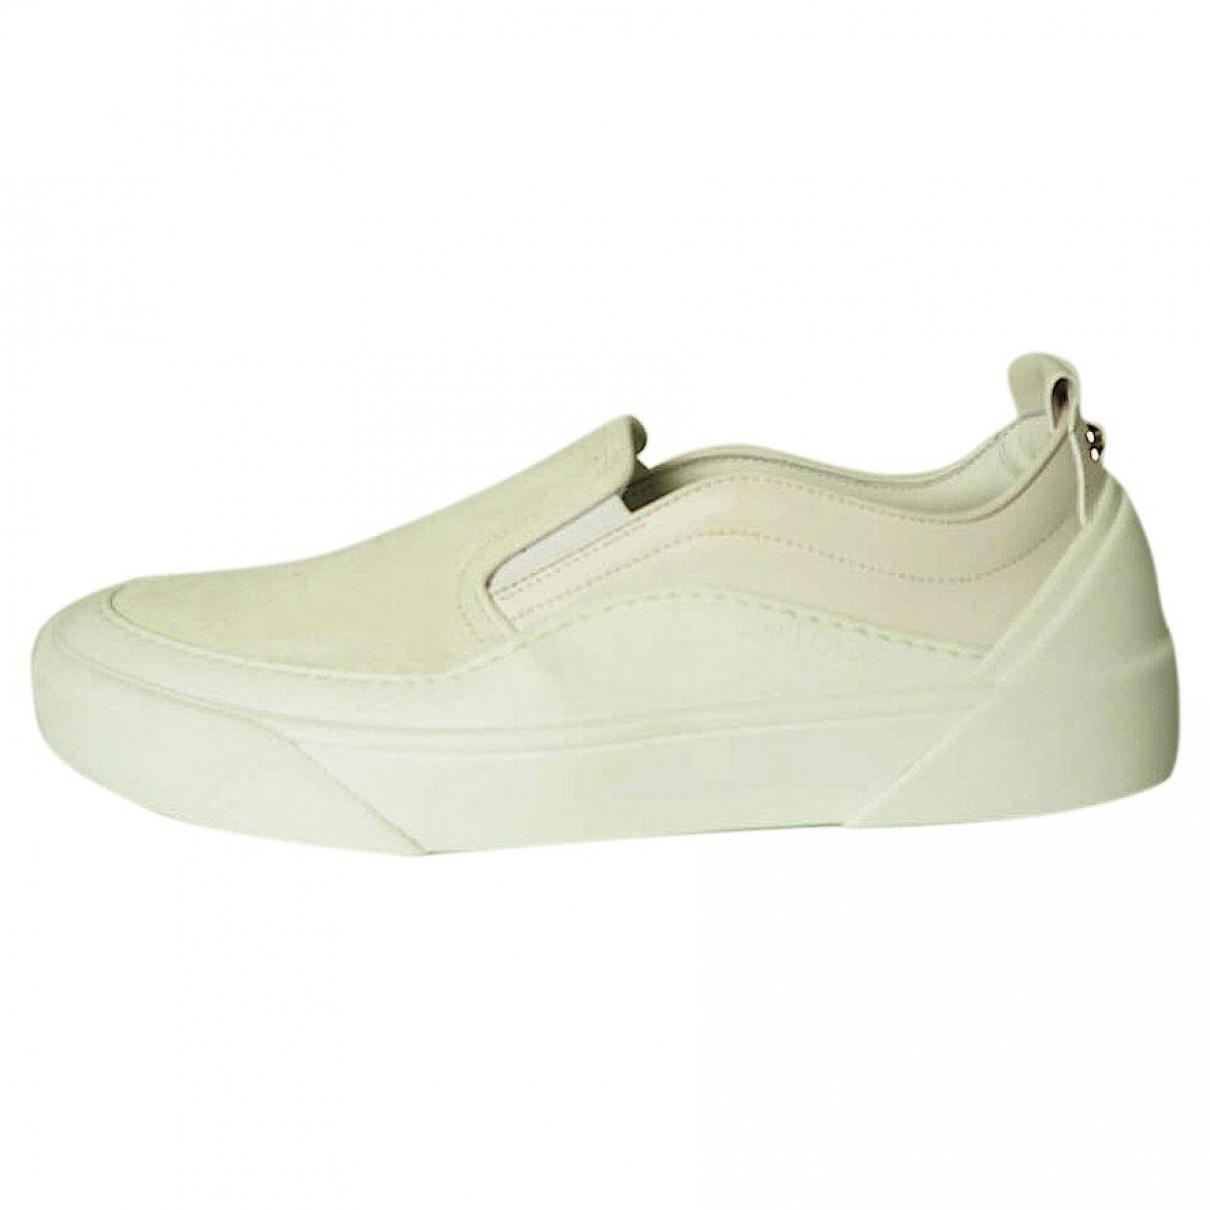 Jimmy Choo \N Sneakers in  Weiss Leder